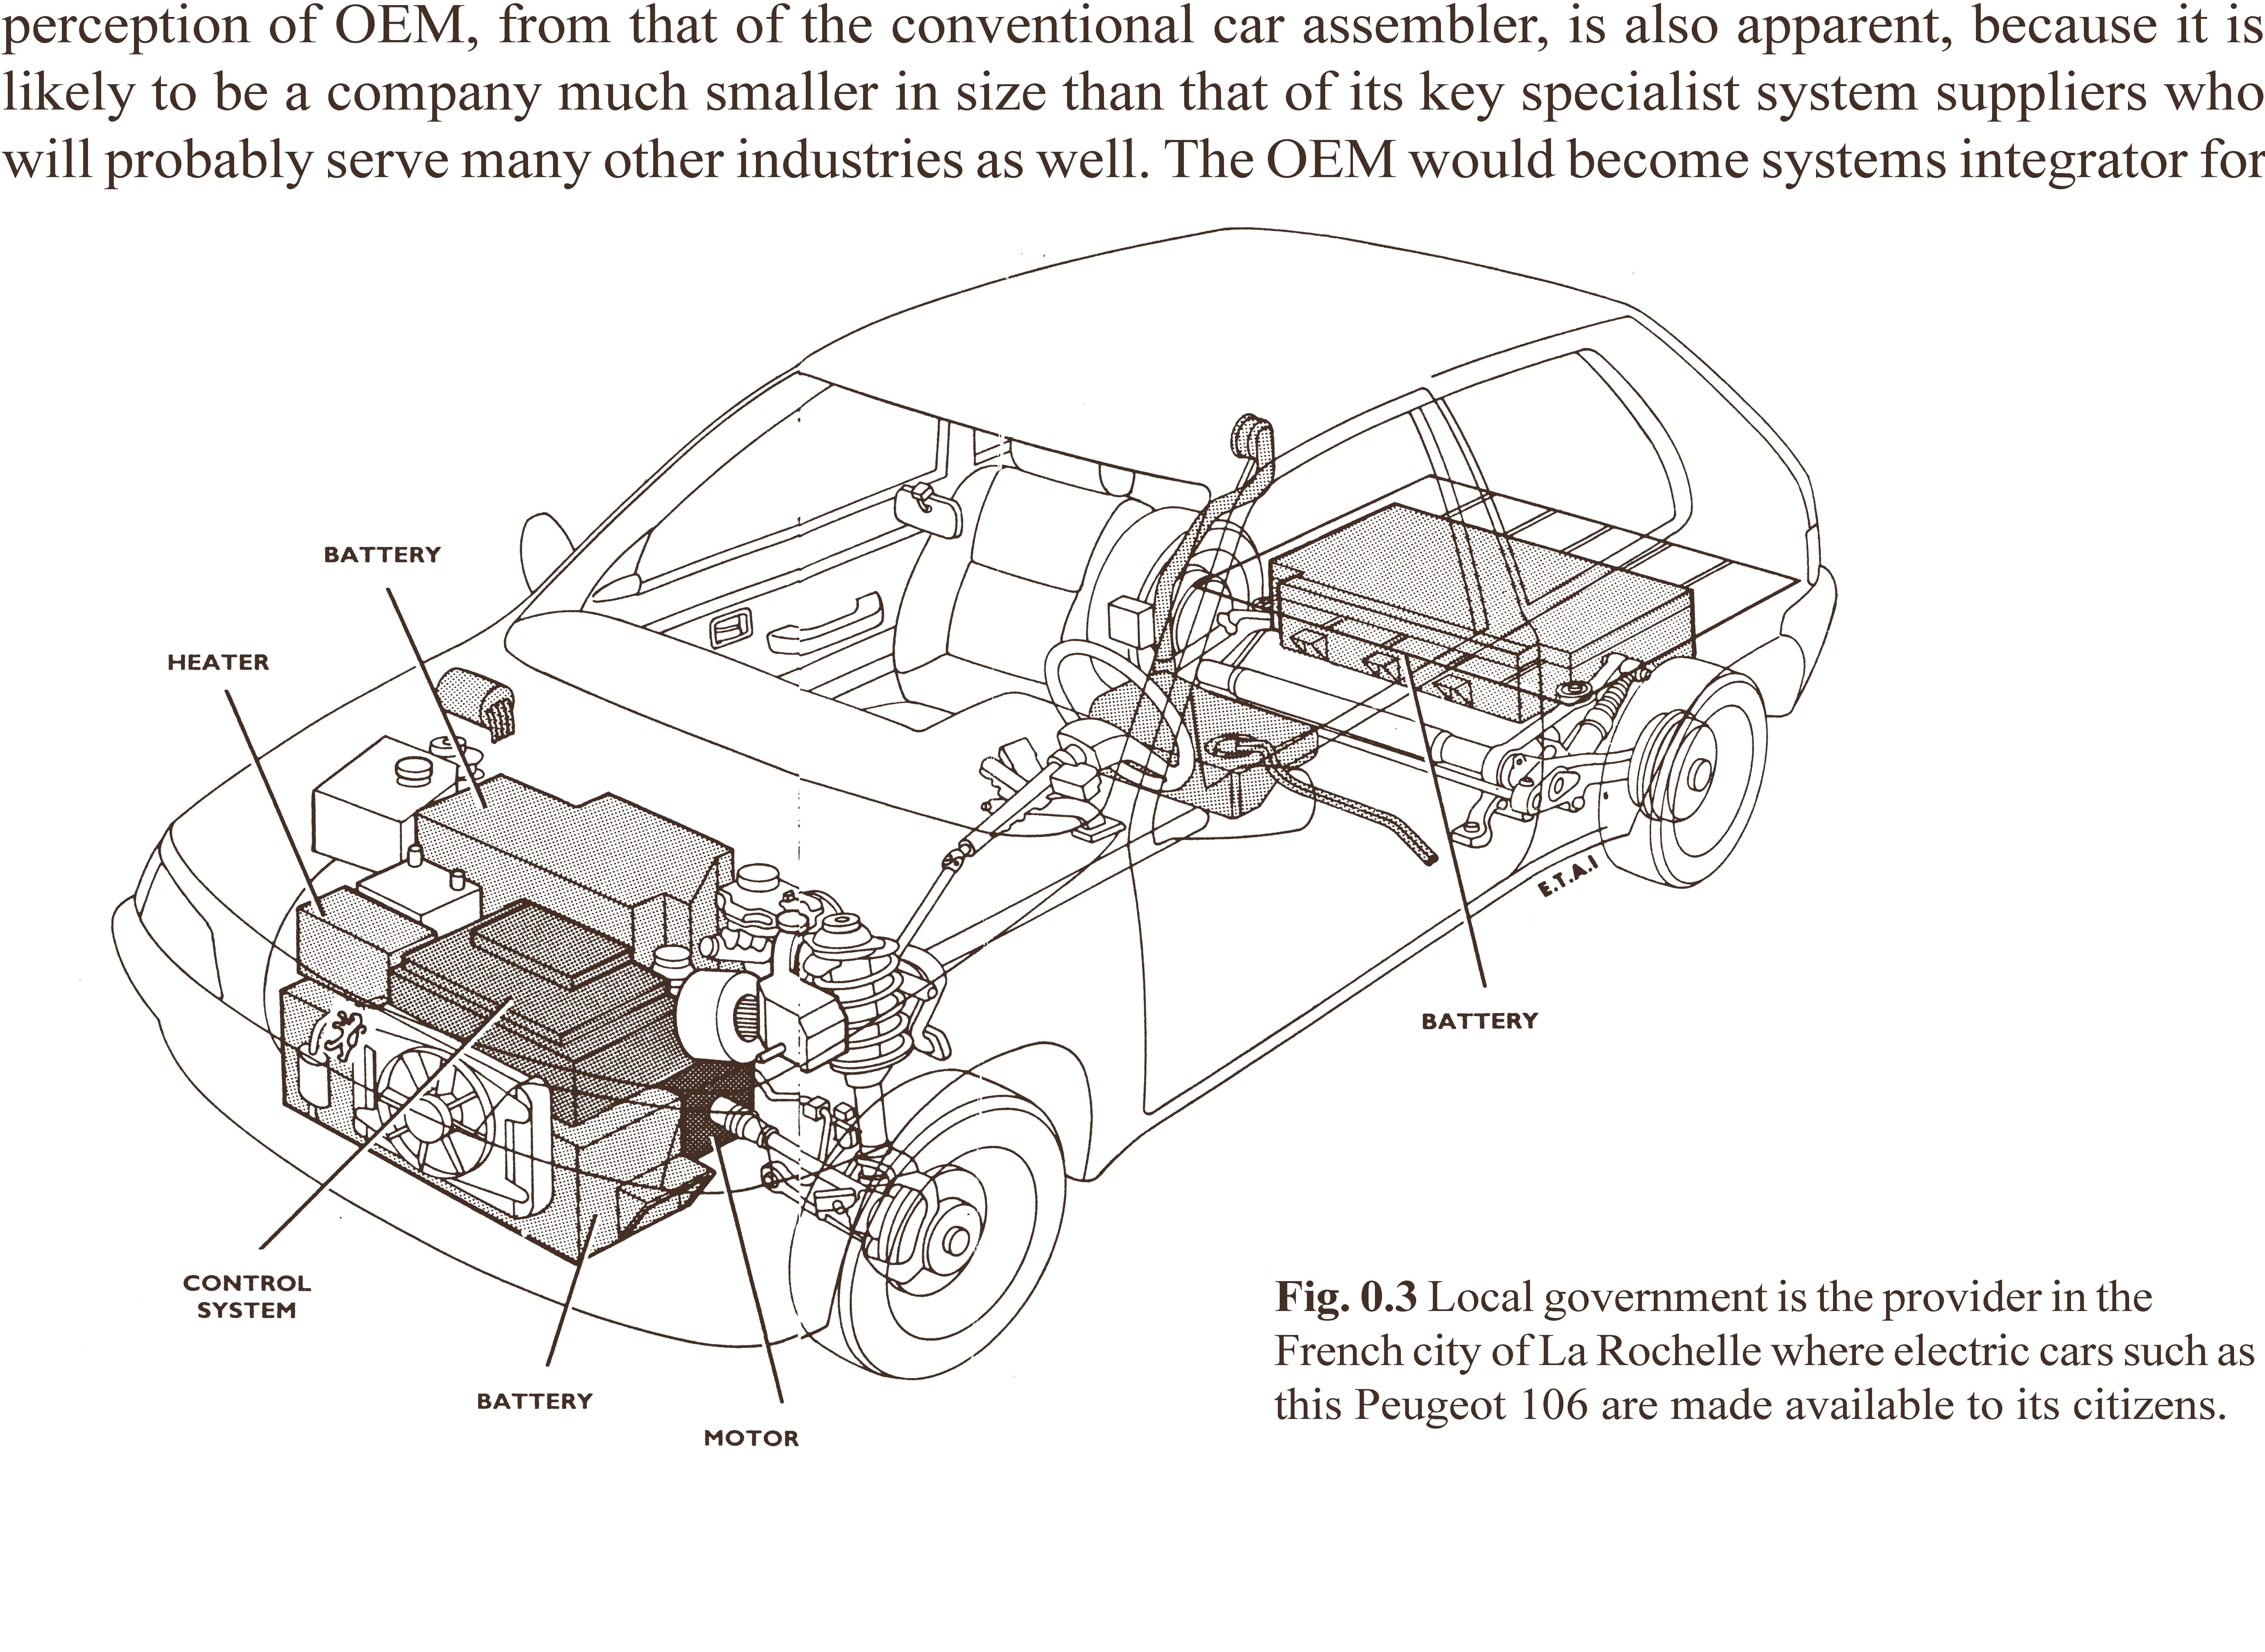 under the car hood diagram car parts diagram under hood car exterior rh detoxicrecenze com under car diagram 2003 accord v6 under car bonnet diagram